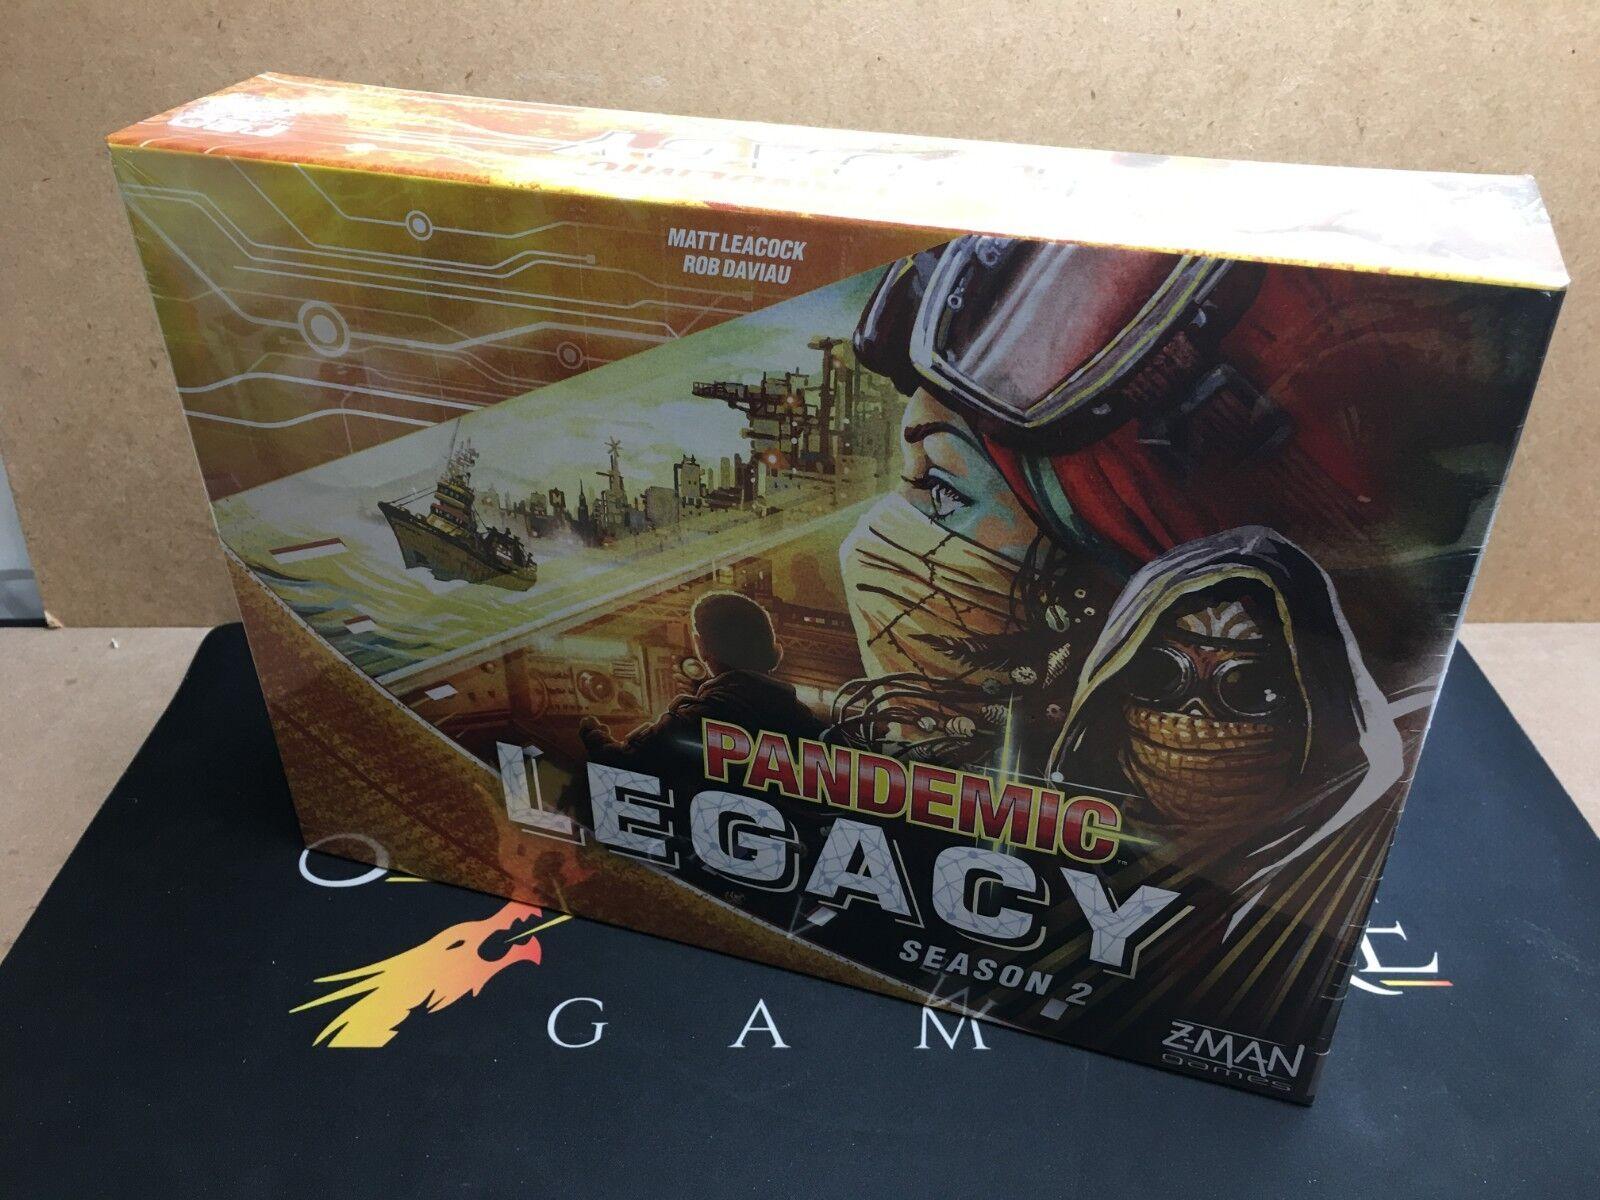 Pandemia  Legacy Stagione 2-Z-Man Games (SIGILLATO ORIGINALE)